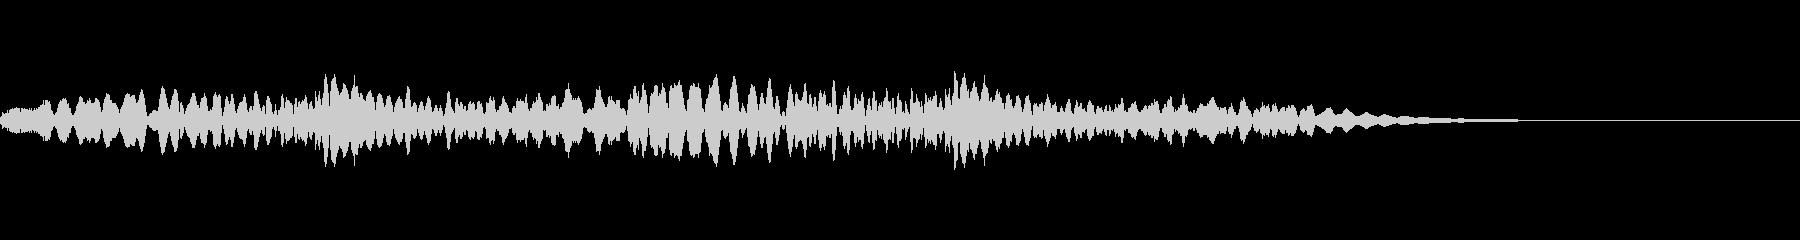 ルーレットを回すときの効果音の未再生の波形